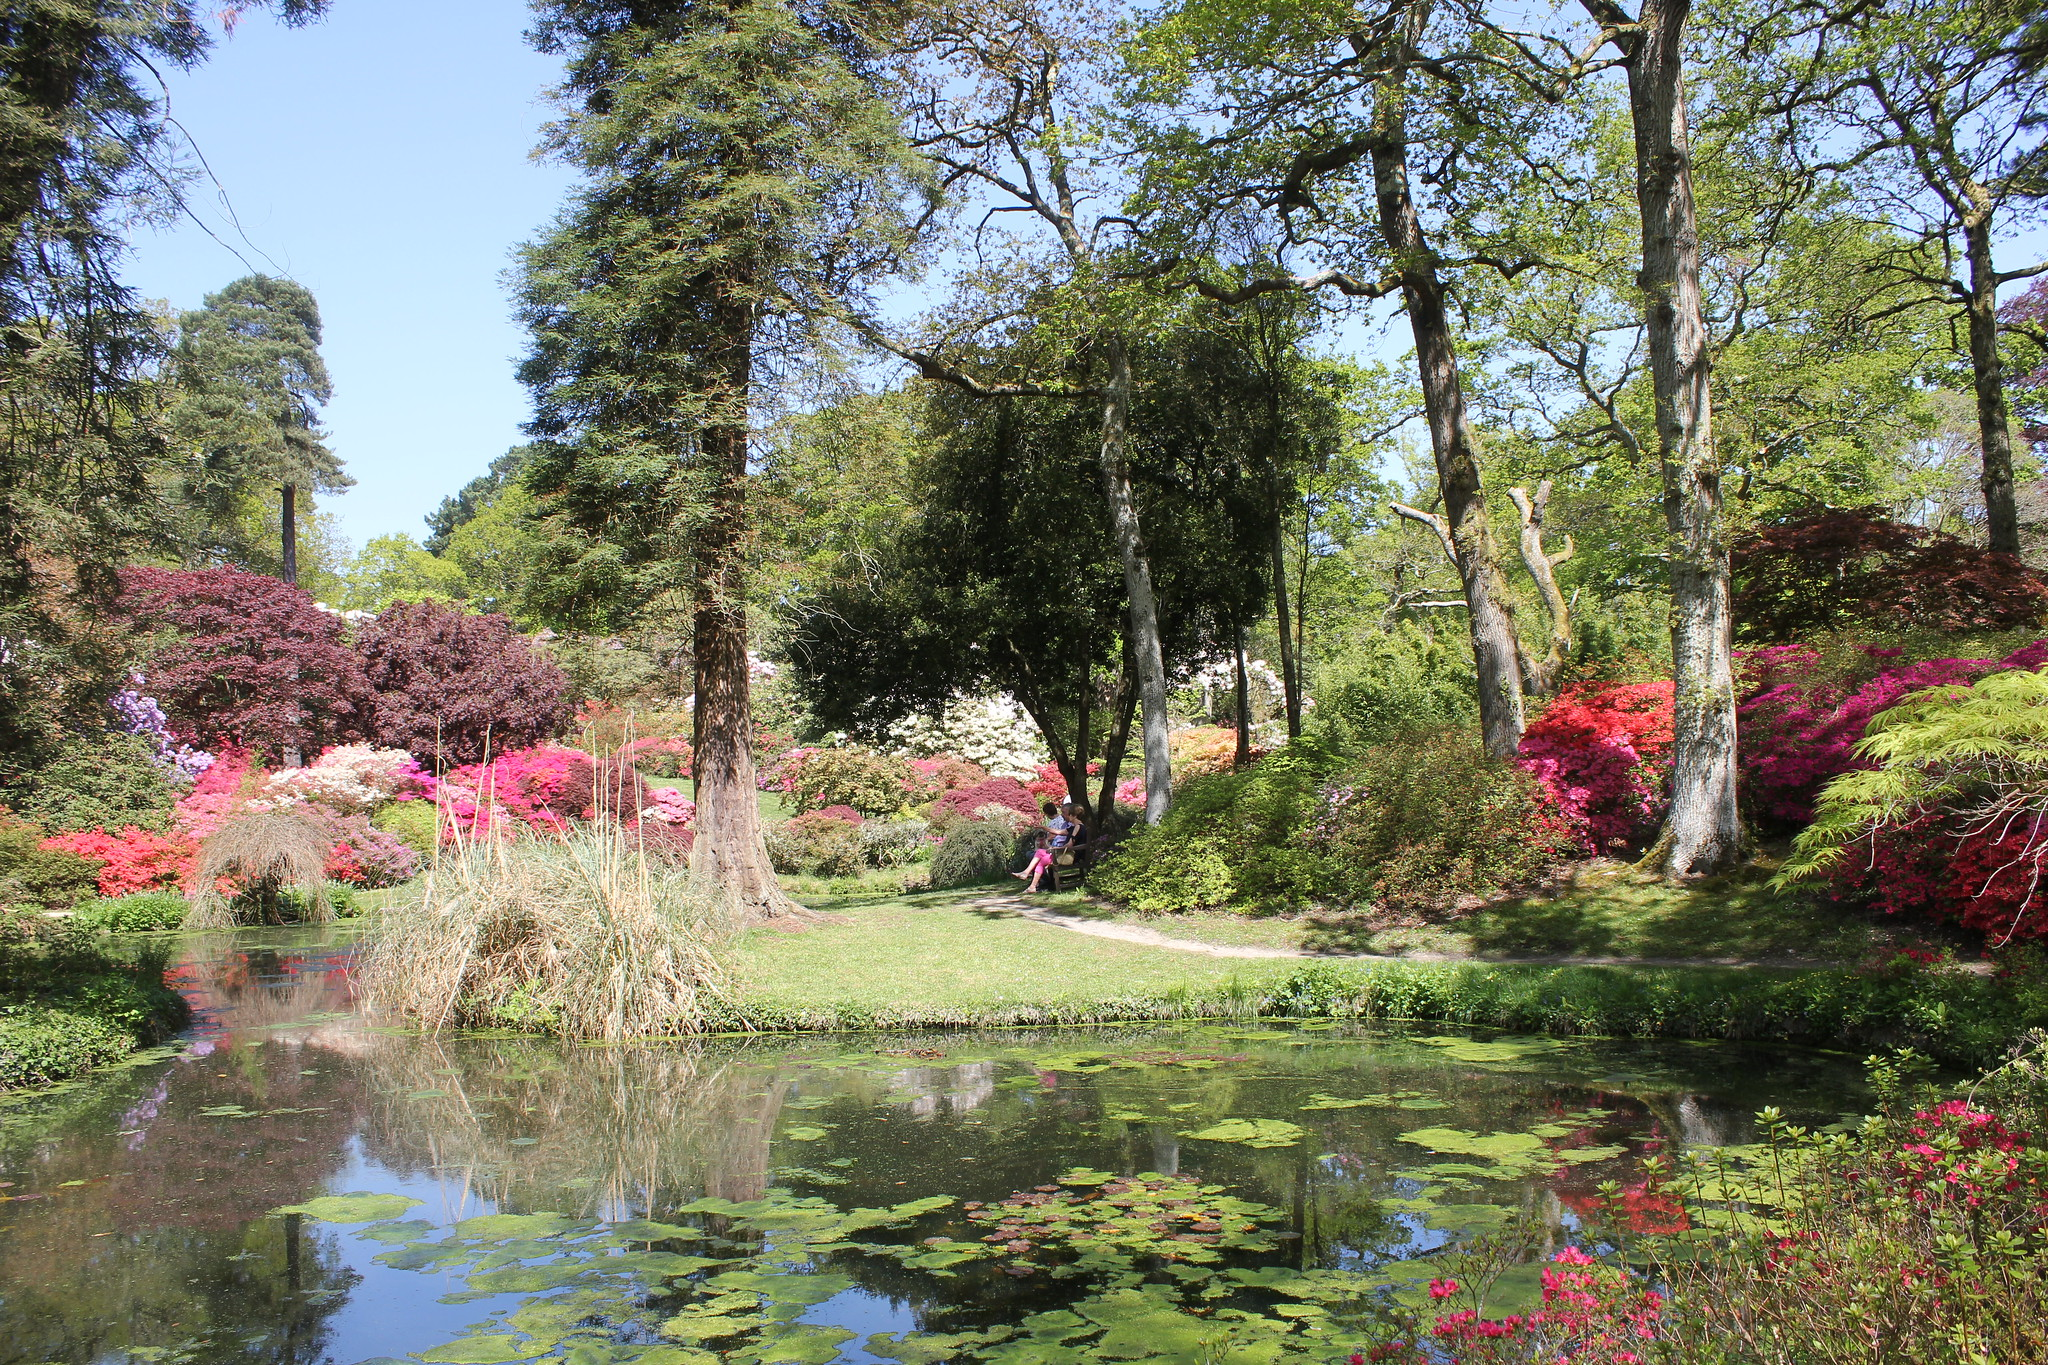 giardino segreto hampshire